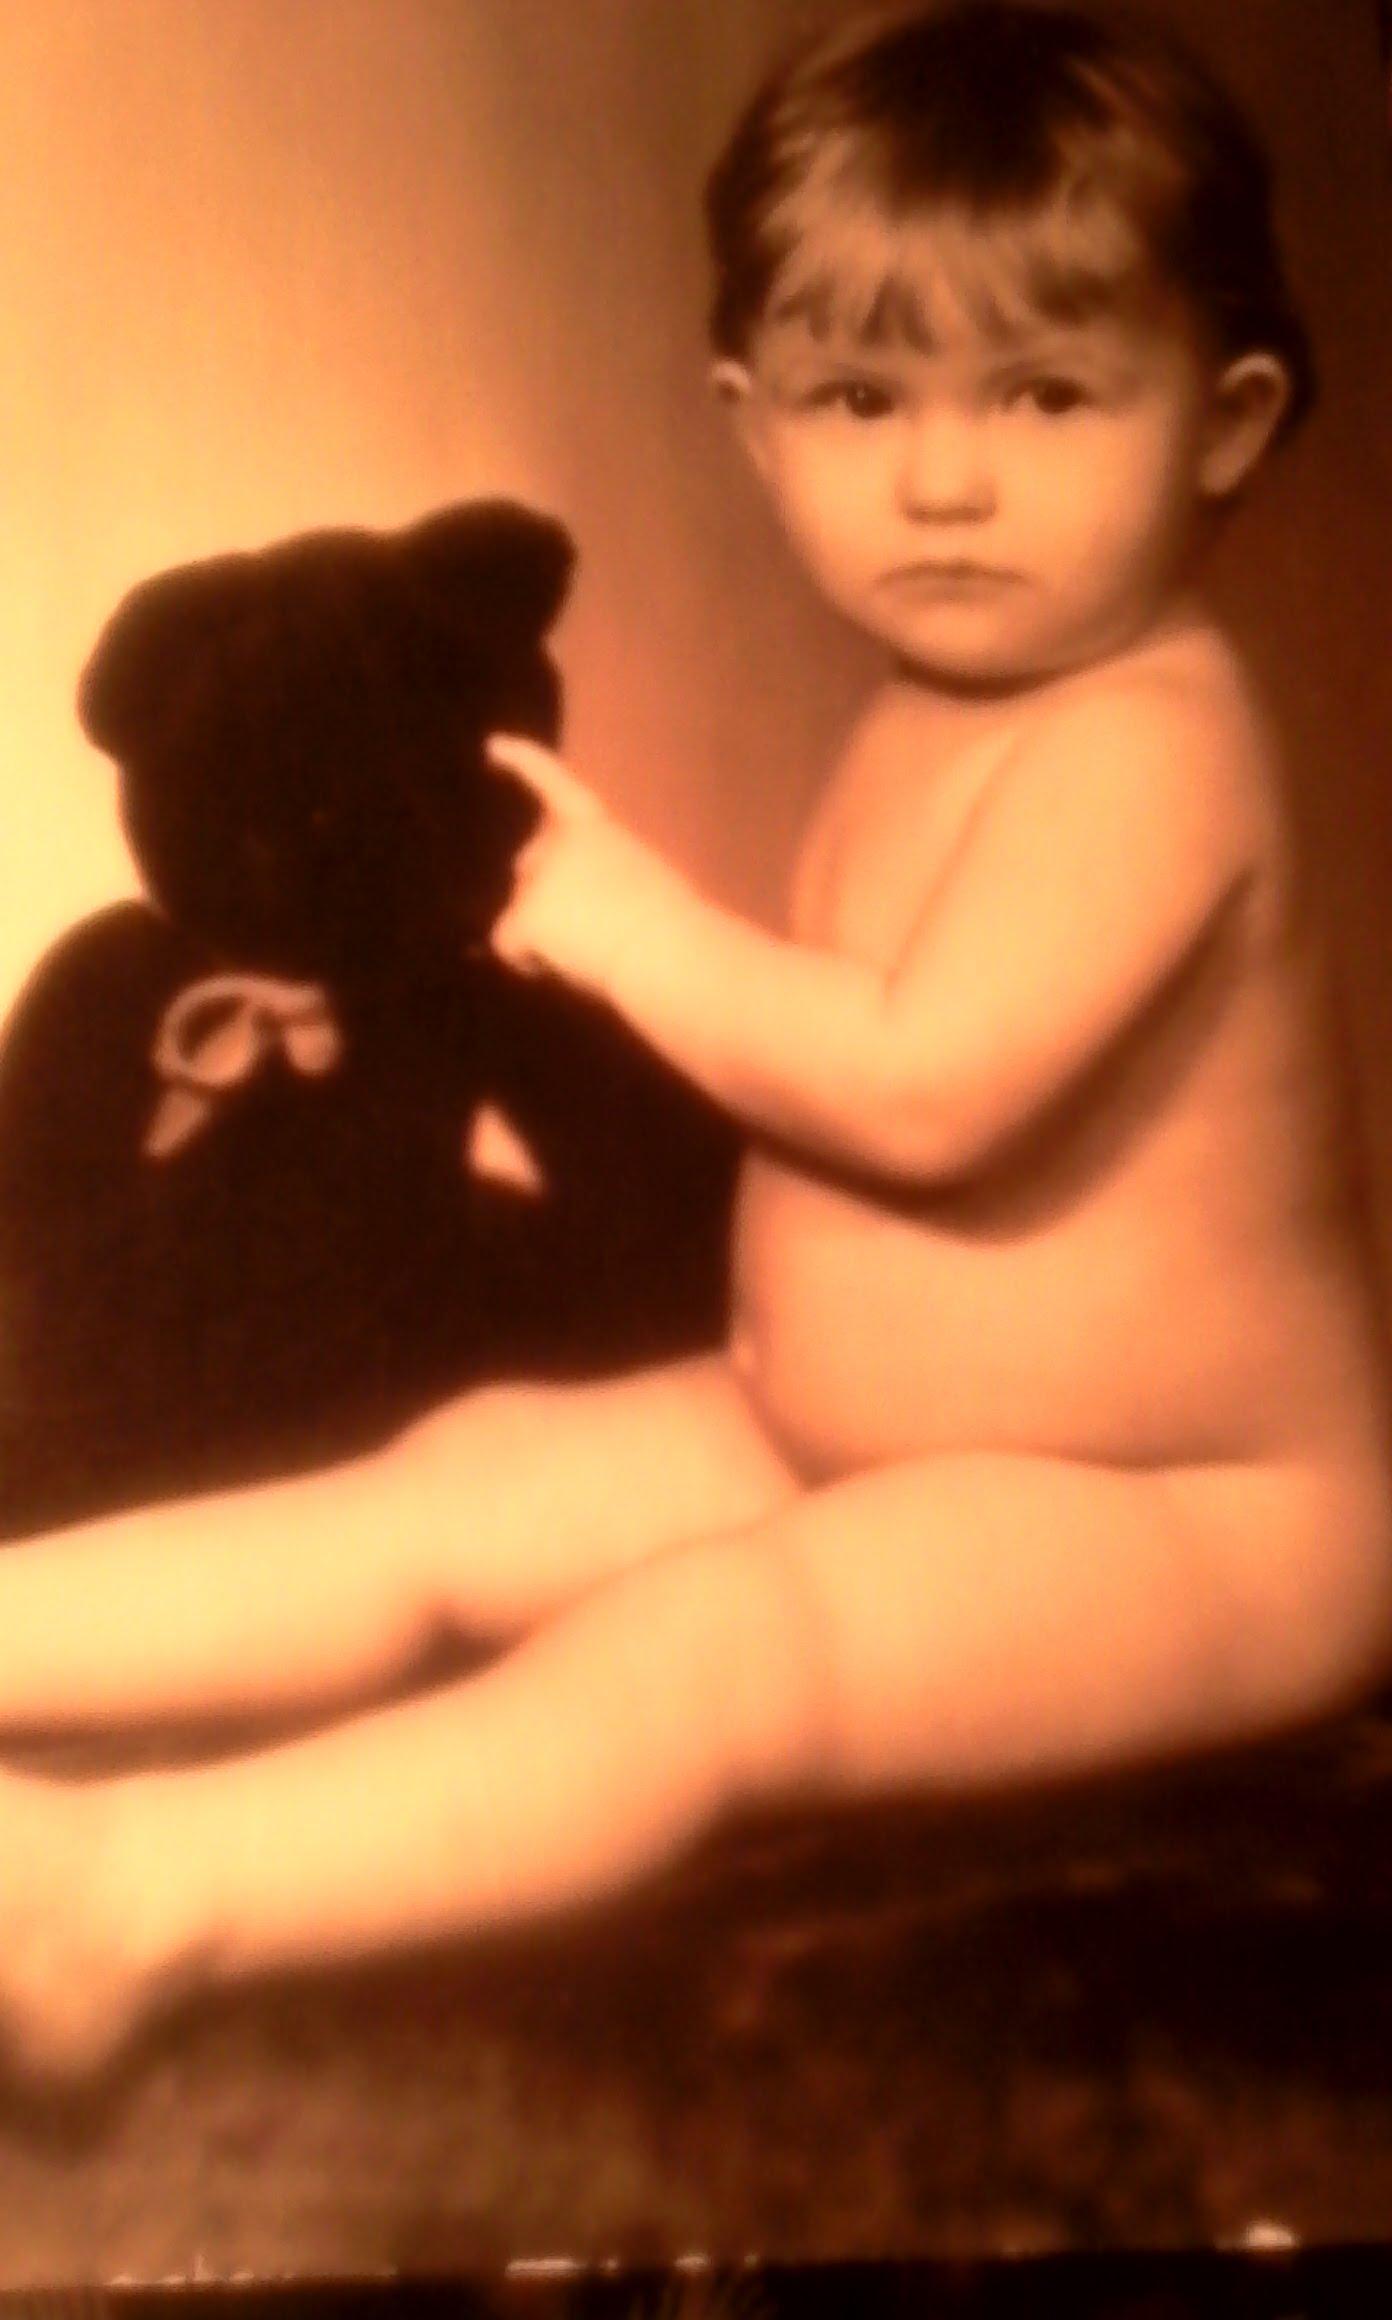 Сестренка играет с мишкой на фотосессии.. Наши дошколята